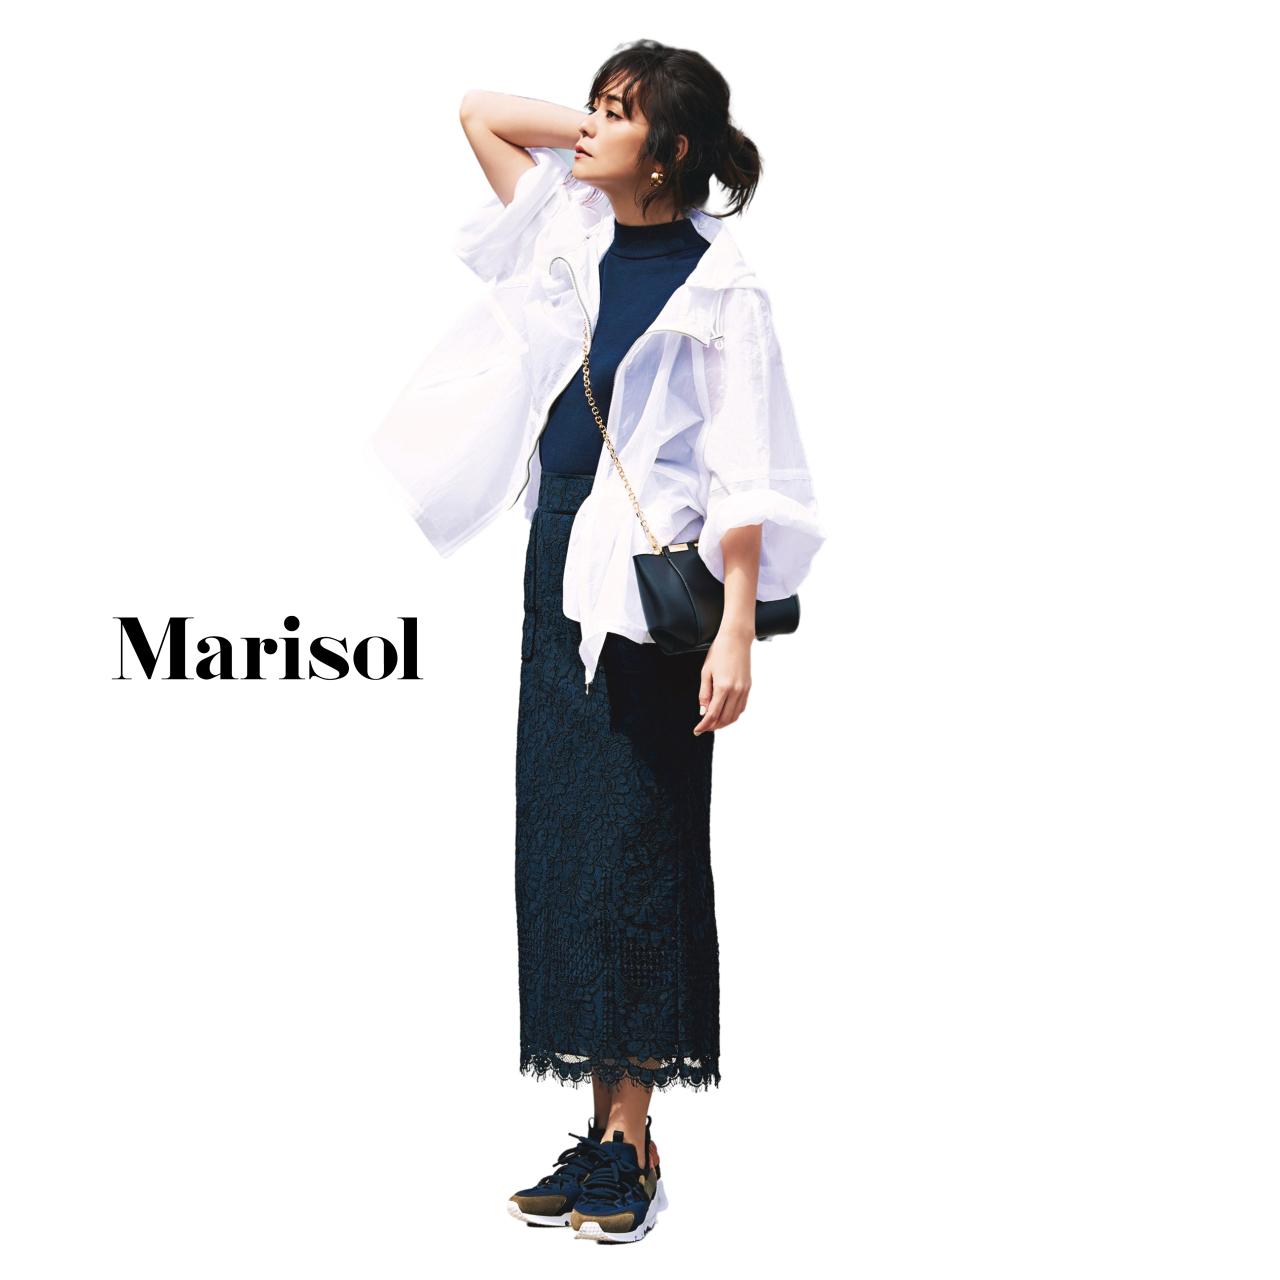 40代ファッション 白ブルゾン×ネイビーニット×ネイビースカートコーデ